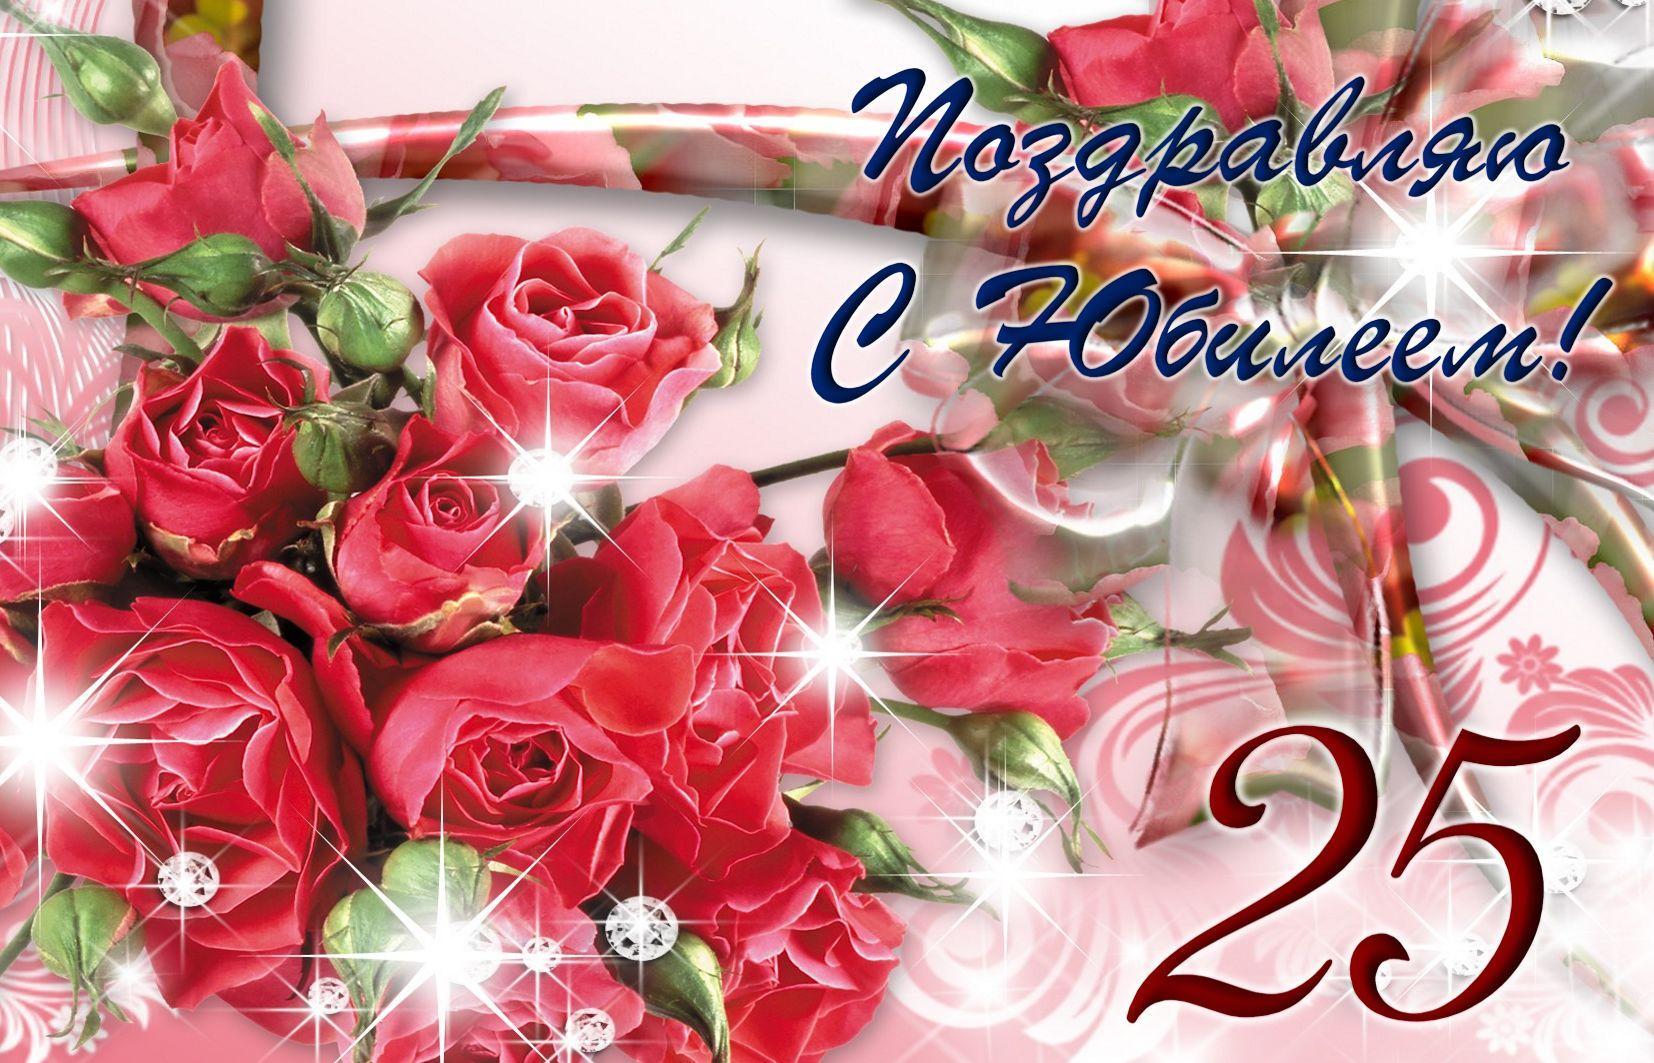 Красивая открытка, картинка с Днём рождения, с юбилеем на 25 лет. Сверкающие розы на юбилей девушке. Поздравляю с Юбилеем! 25